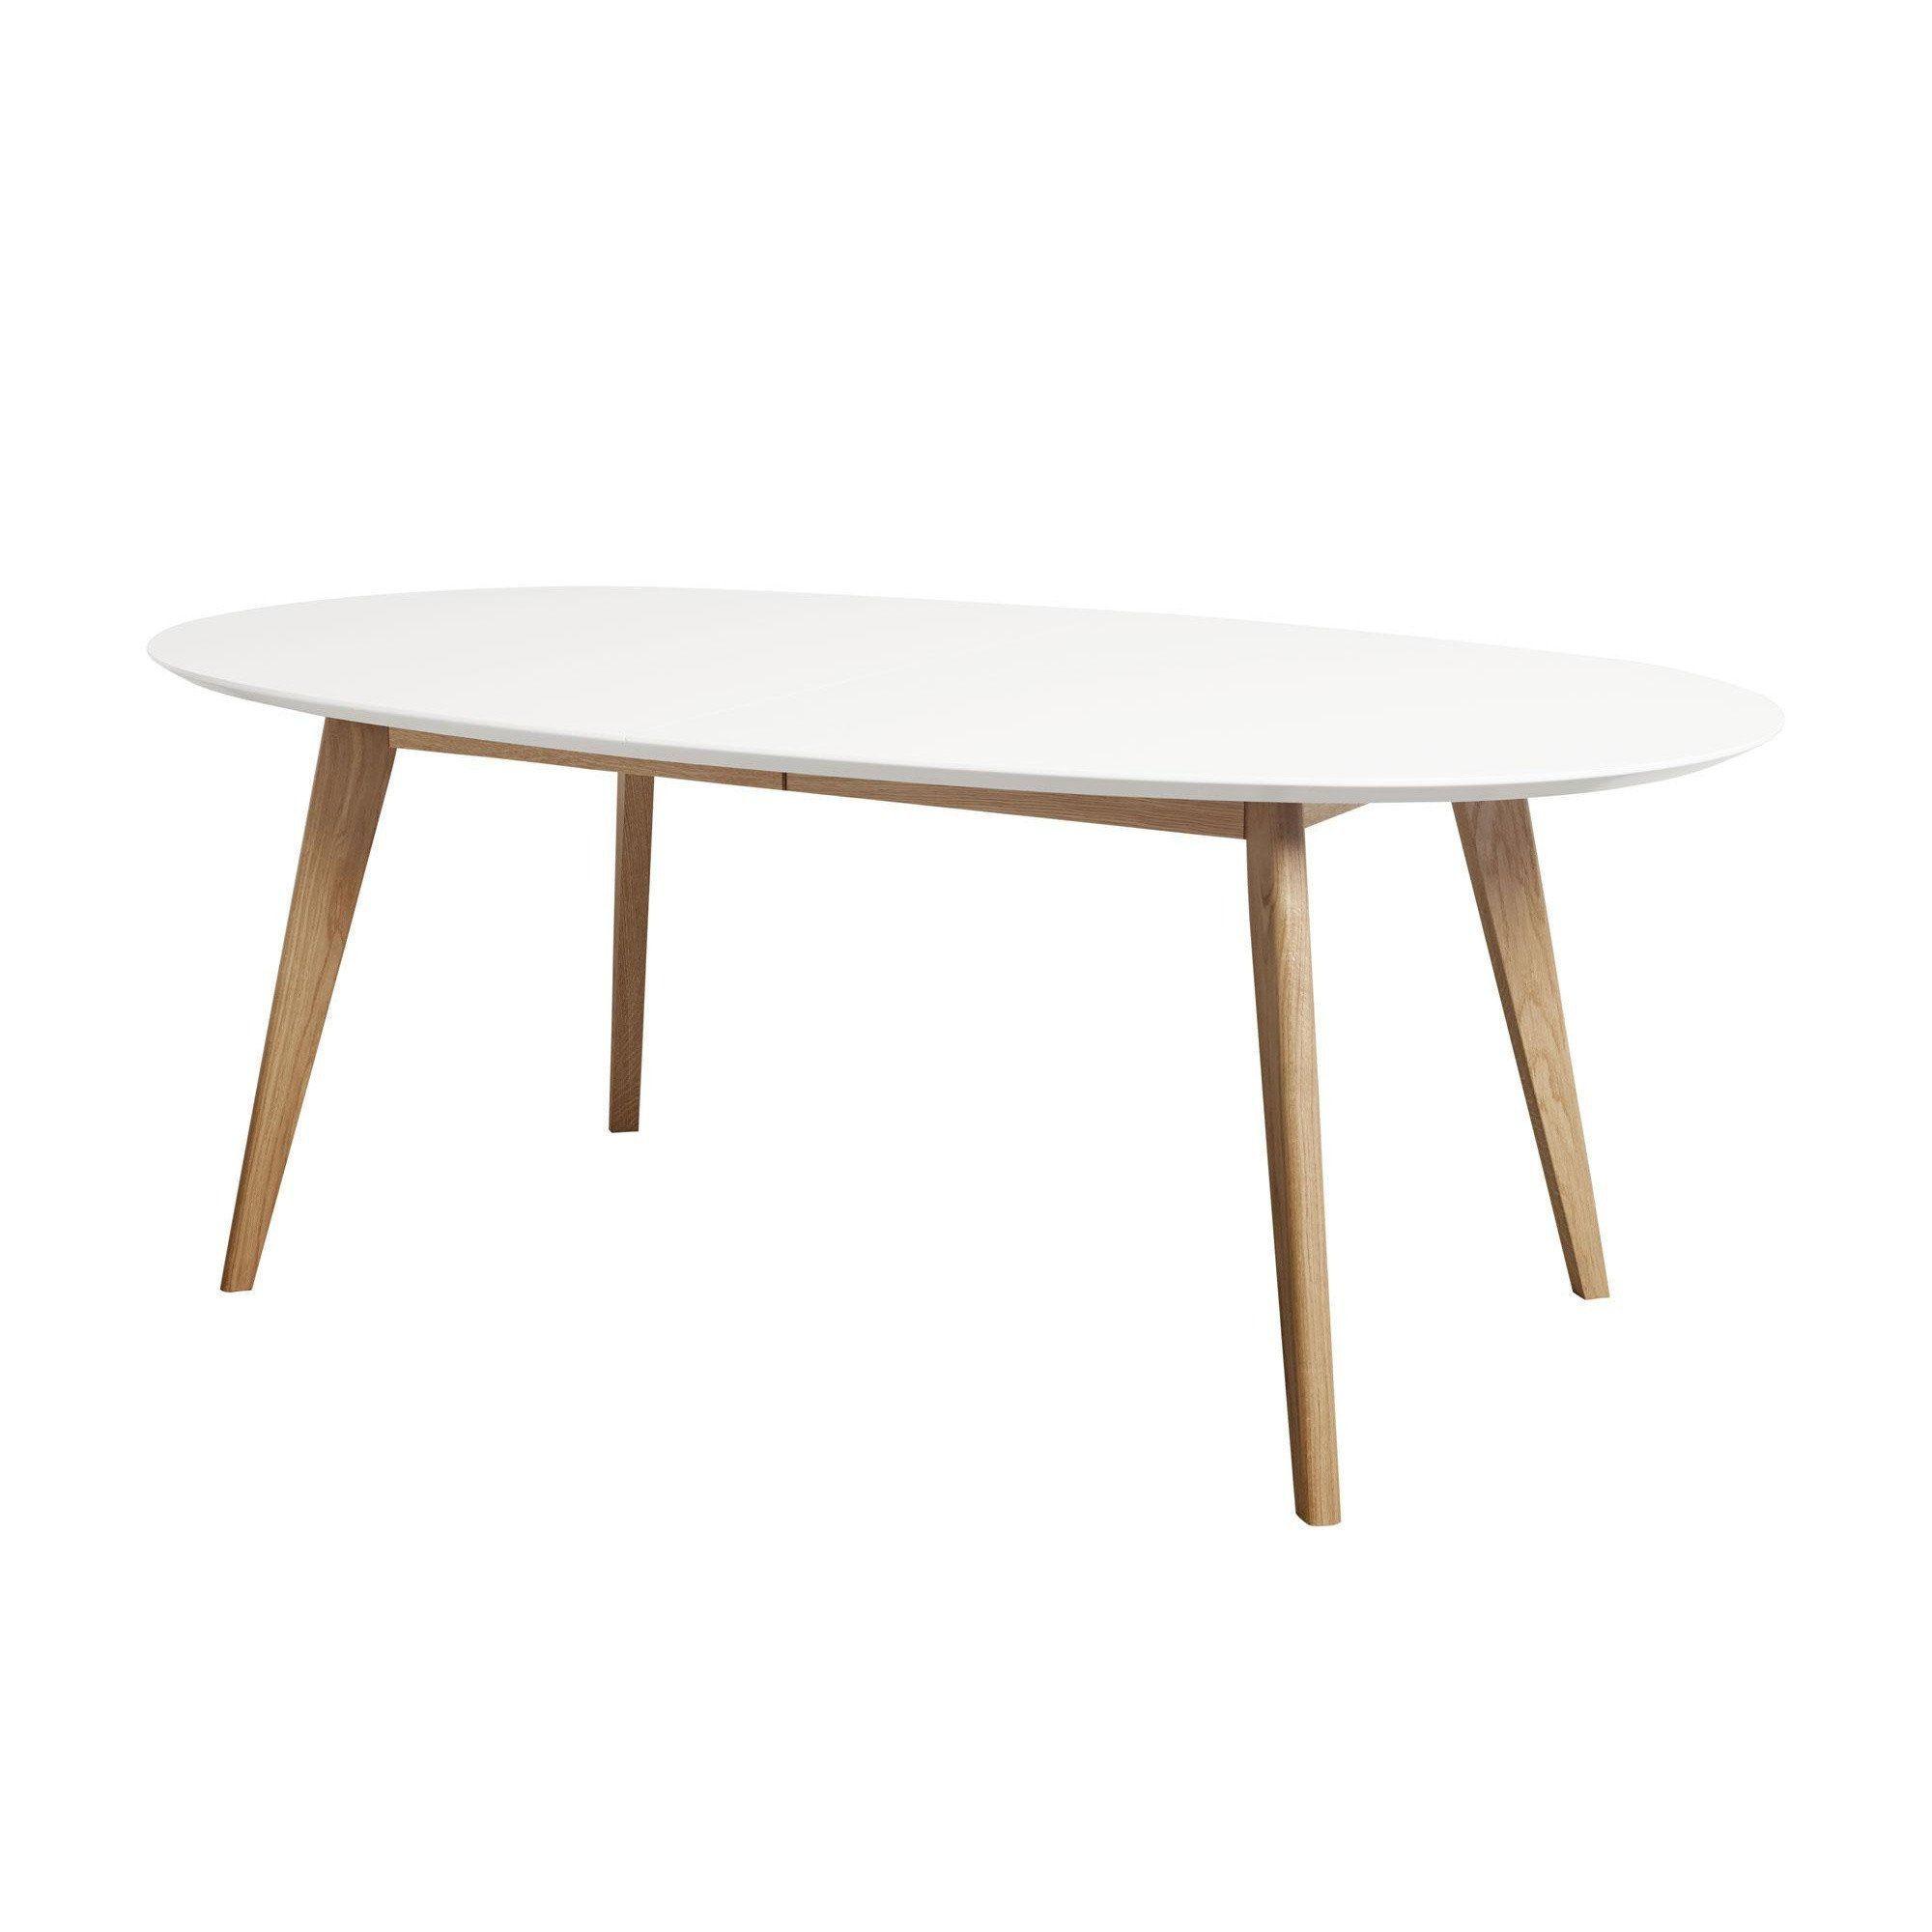 Esstisch ausziehbar eiche geölt  Andersen Furniture DK10 Esstisch ausziehbar Beine Massivholz ...